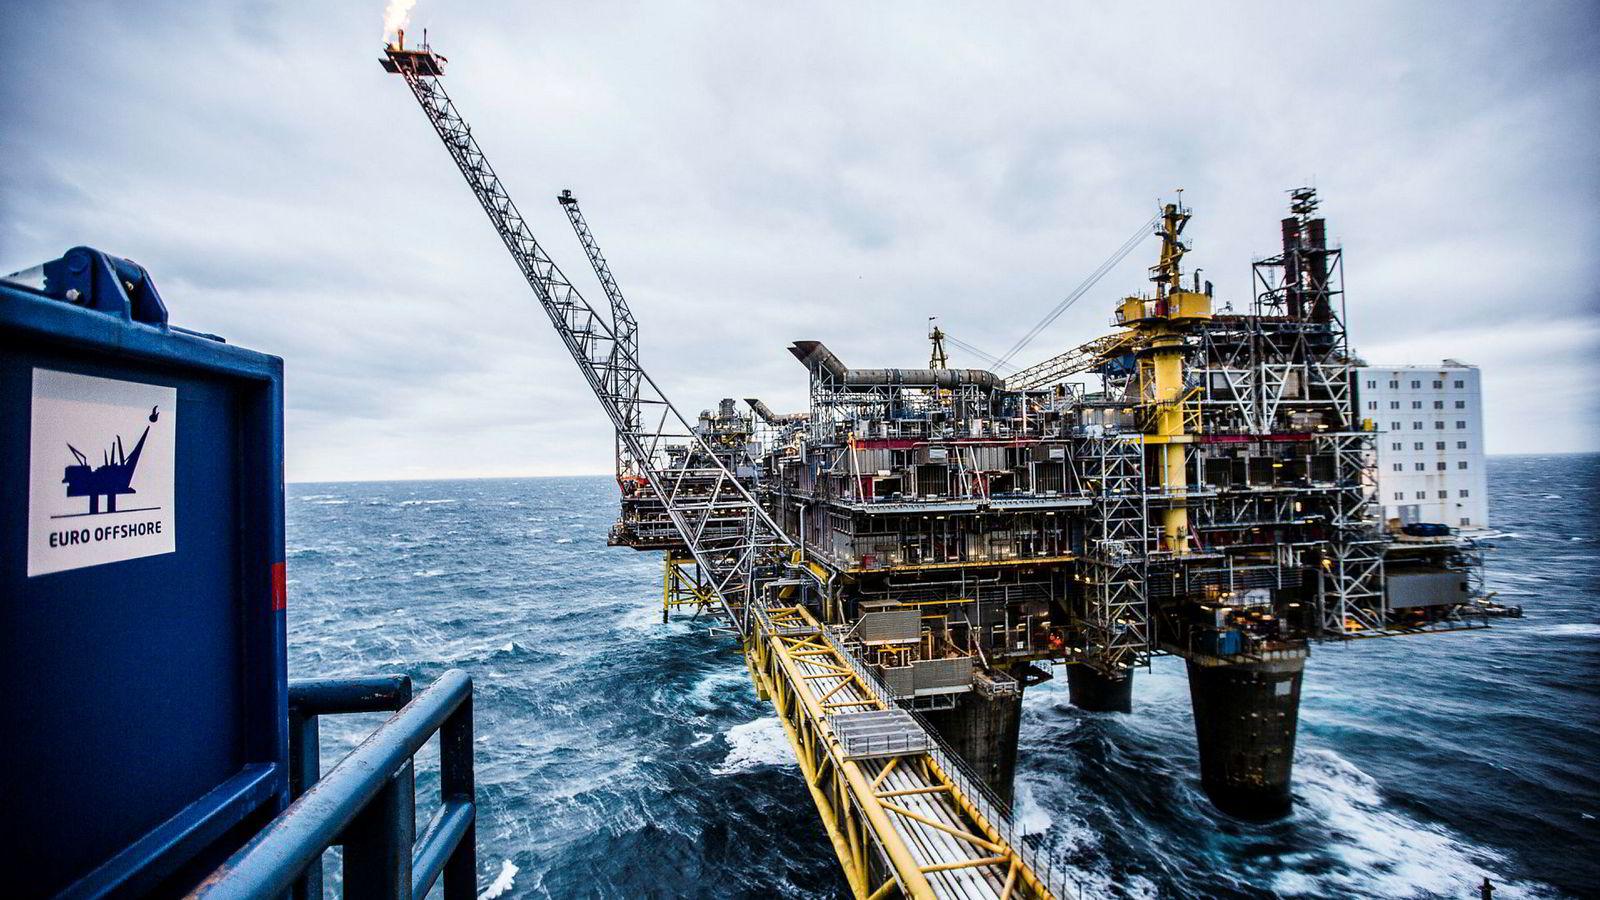 Det klart viktigste klimatiltaket i kvotepliktig sektor er CO 2-avgiften på norsk sokkel. Det dekker vår største utslippskilde, og har i mange år vært et effektivt i å begrense utslippsveksten fra oljeutvinningen.